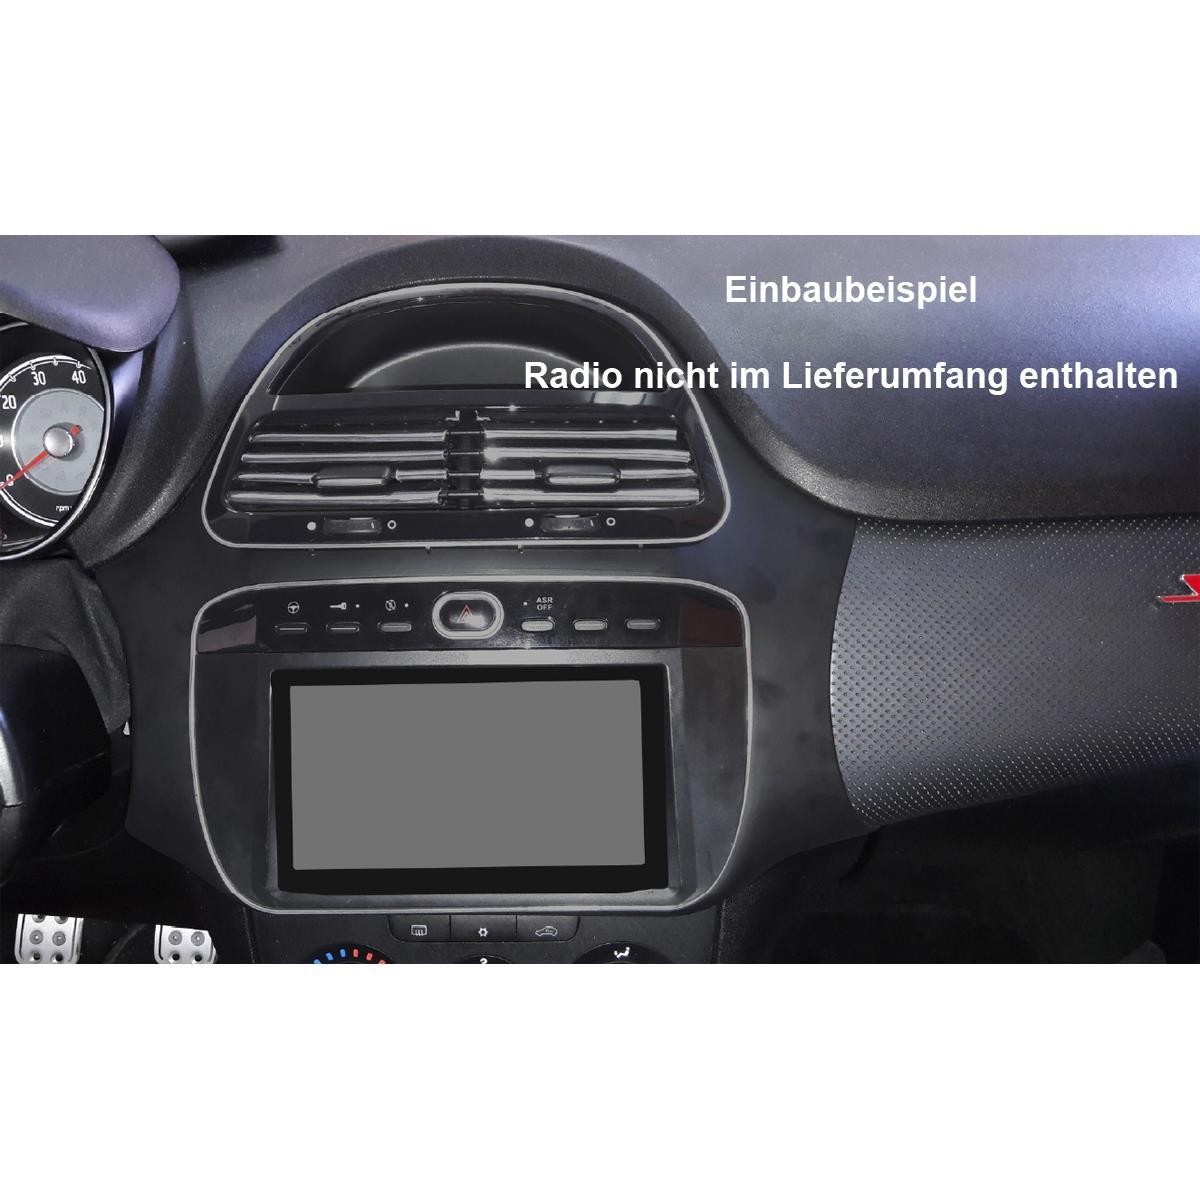 Radioblende Doppel DIN Autoradio Fiat Grande Punto 2005-2009 schwarz